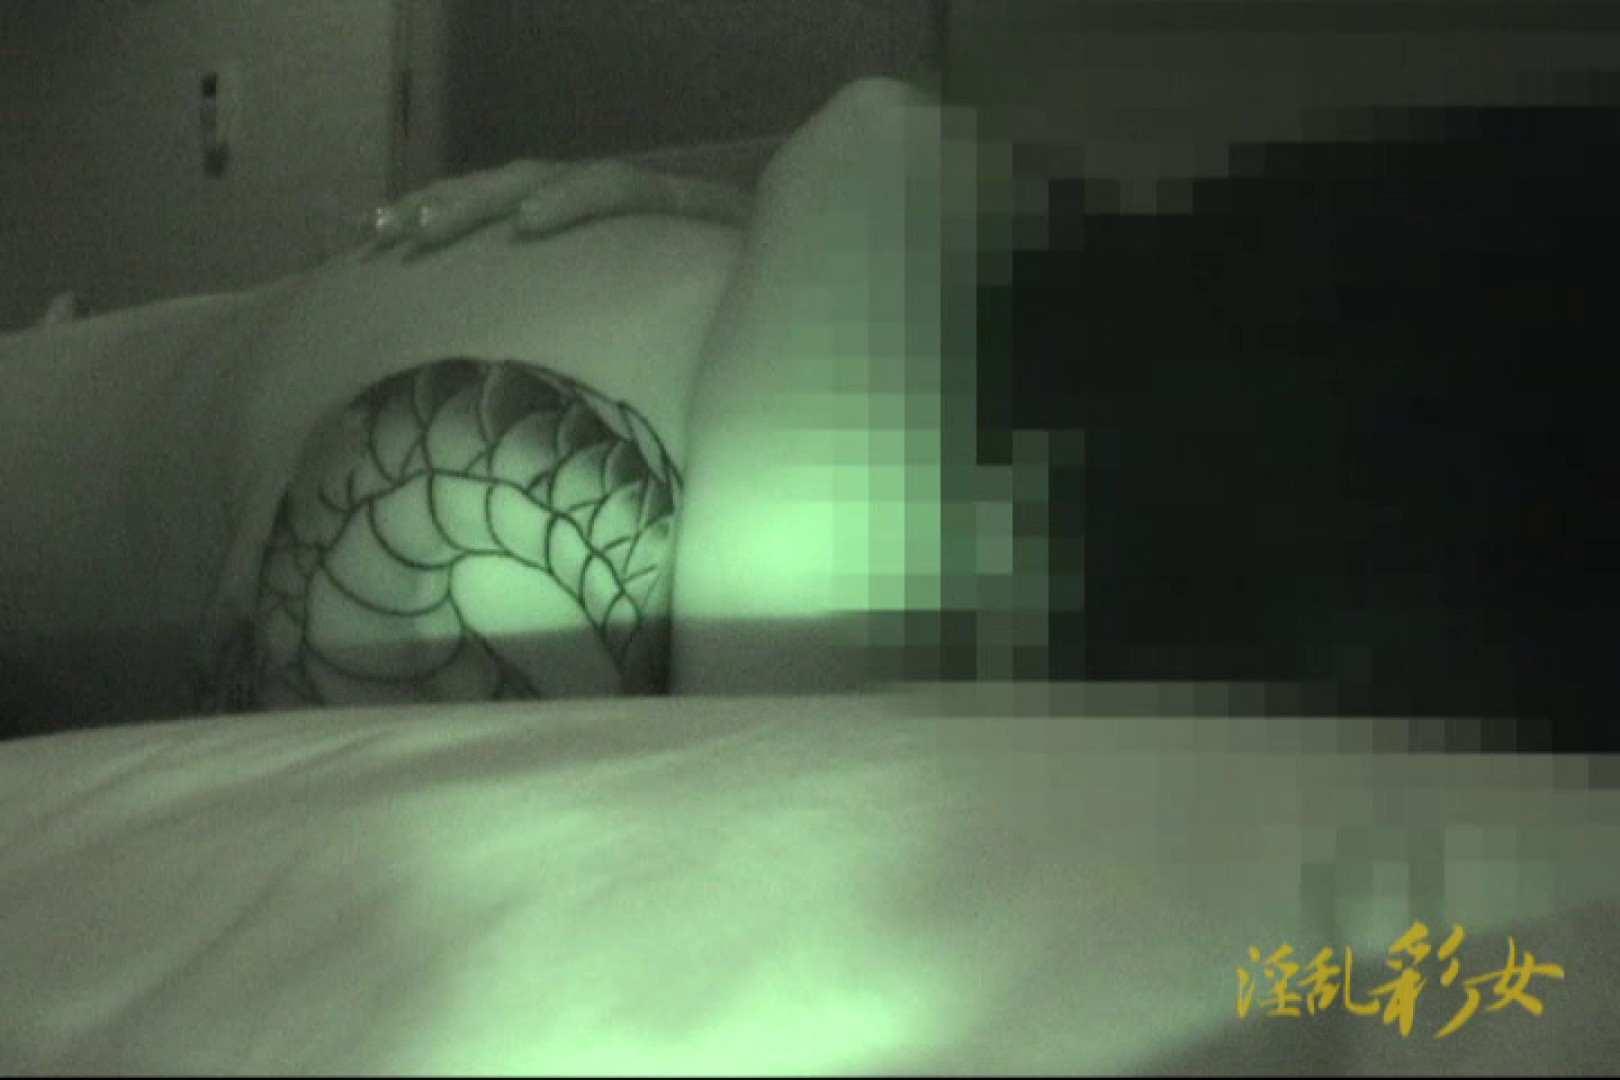 淫乱彩女 麻優里 禁断の彼氏2 一般投稿  77連発 77